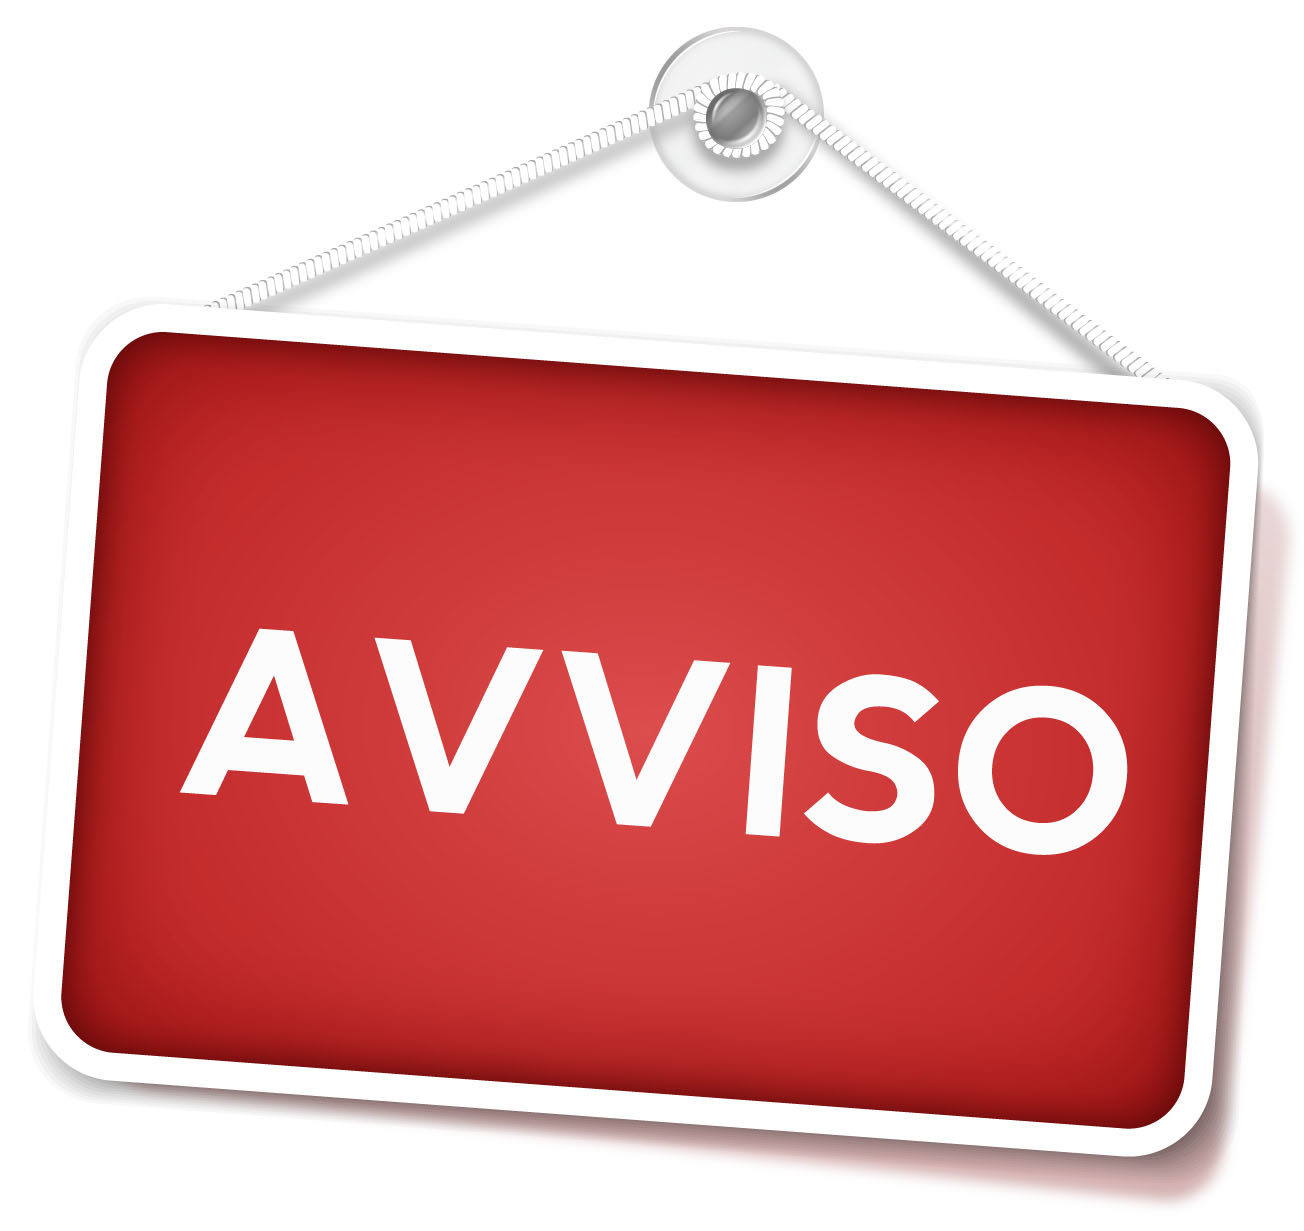 Sospensione delle attività in via preventiva per Covid-2019